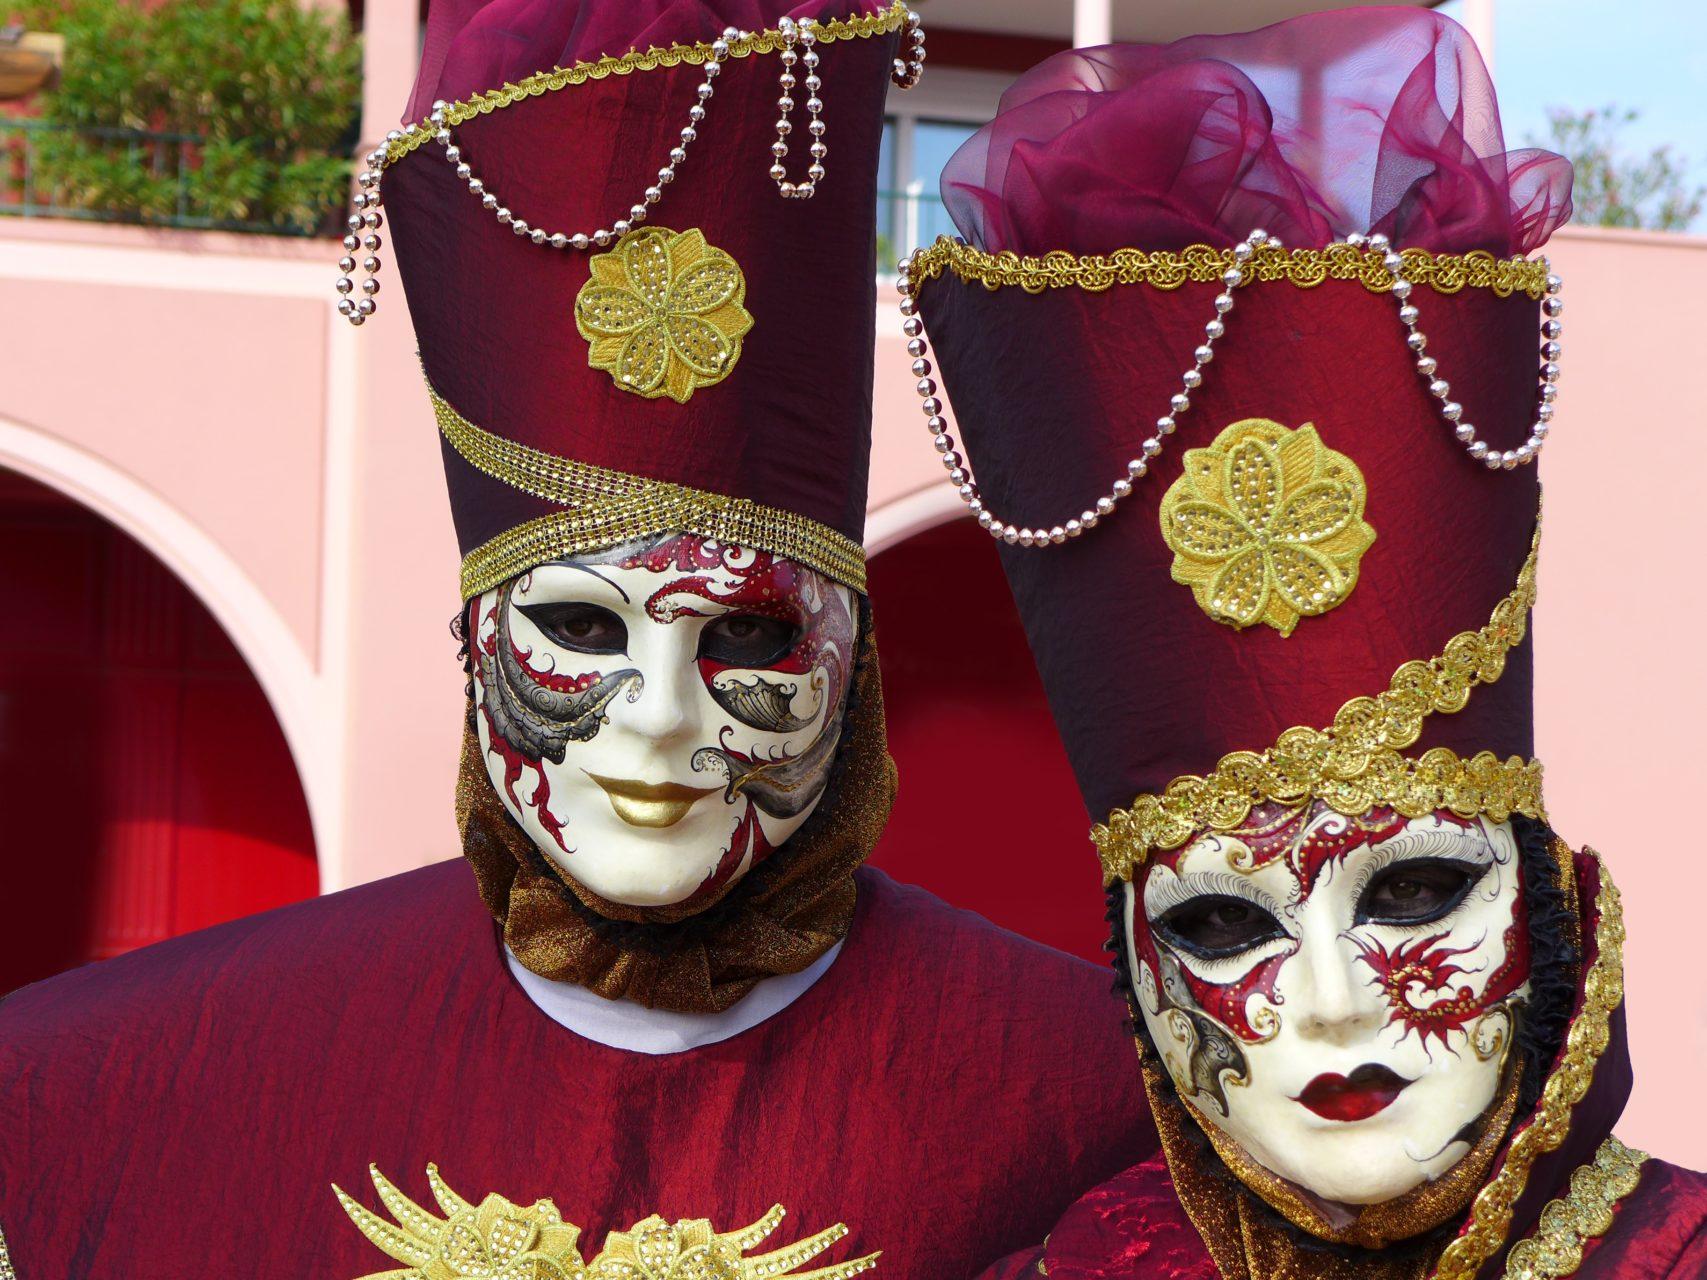 Wat doe je als onder het masker een heel ander mens zit?